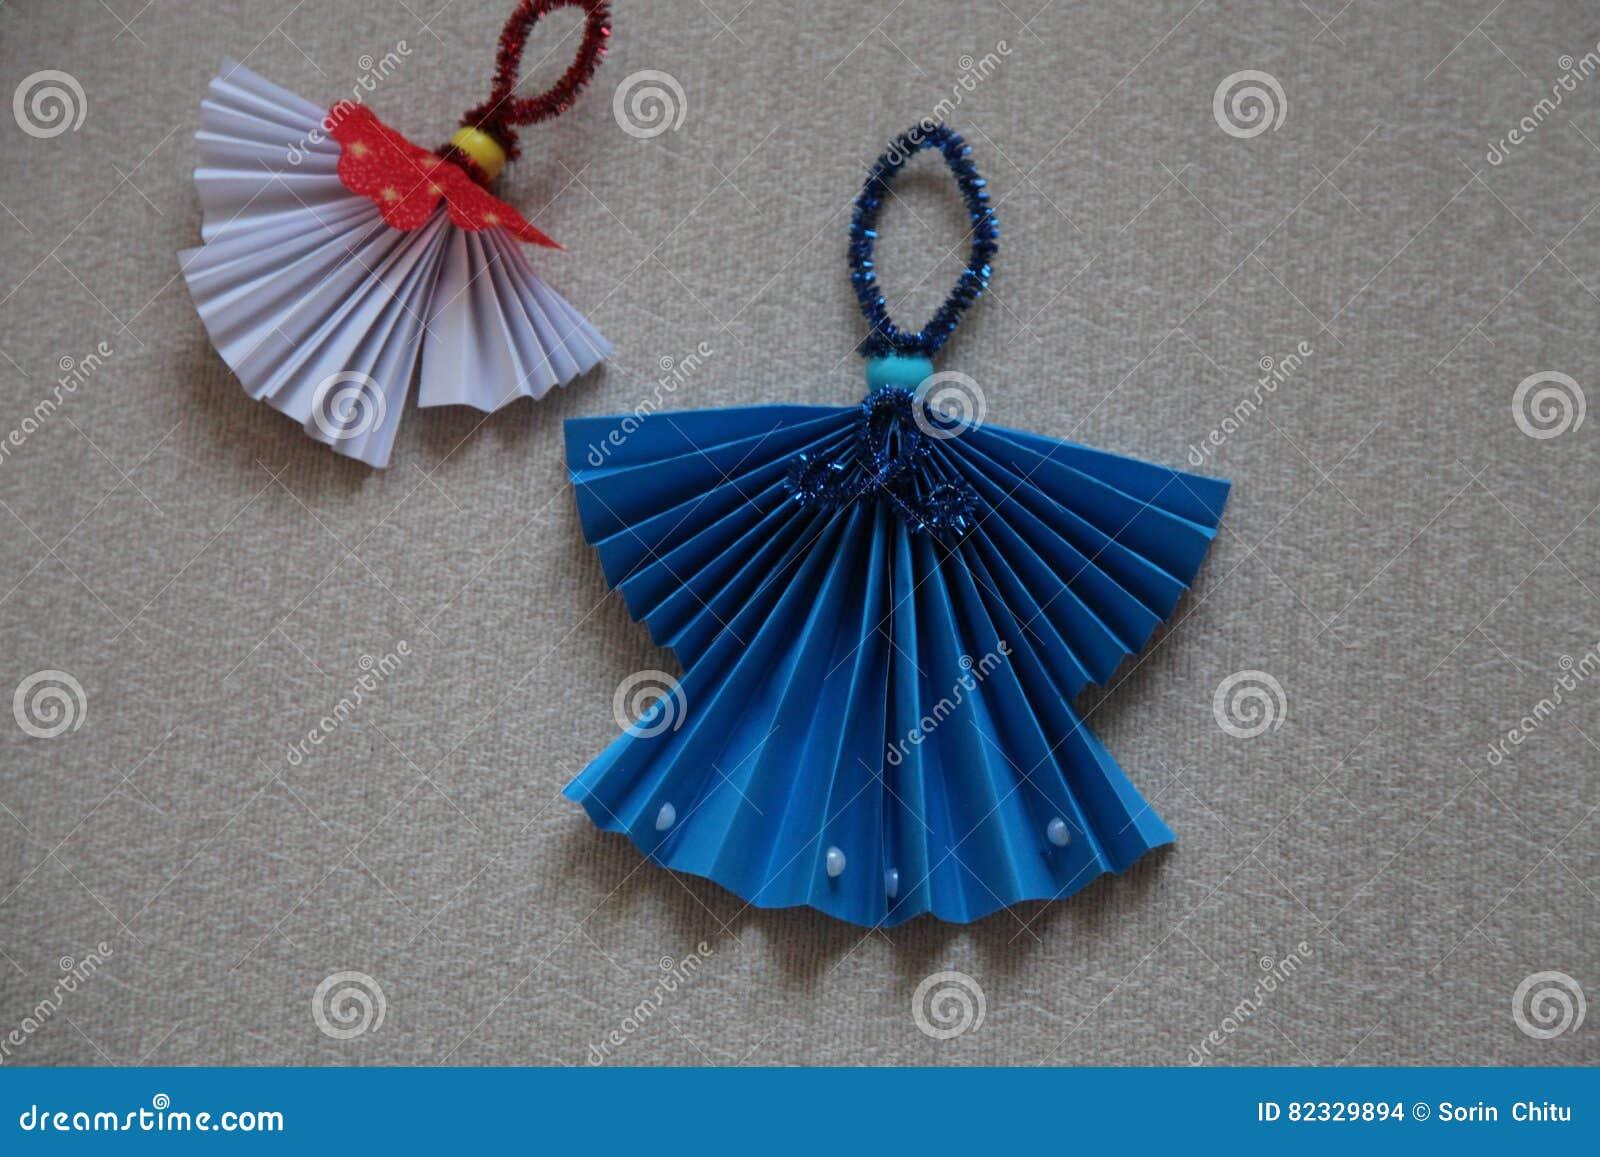 Angeli Di Carta Fotografia Stock Immagine Di Handmade 82329894